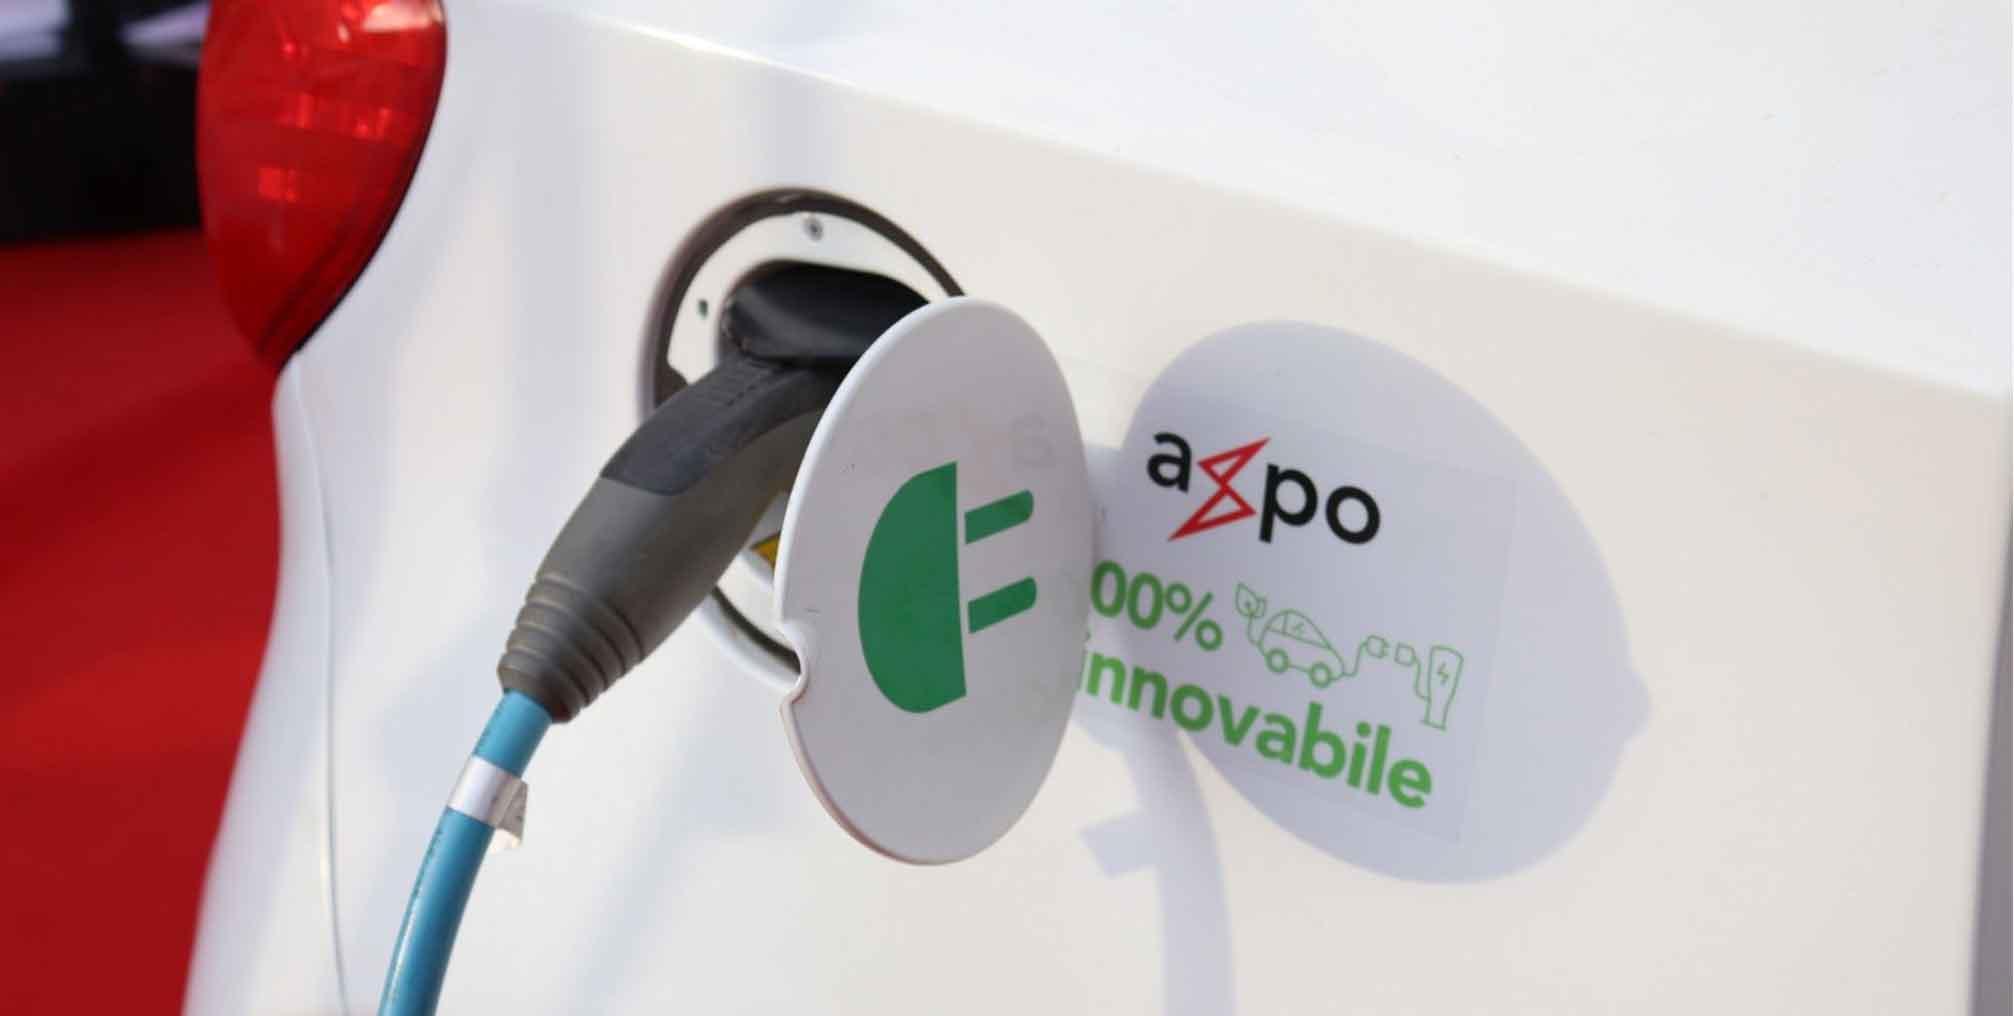 Axpo partnership with Sharengo